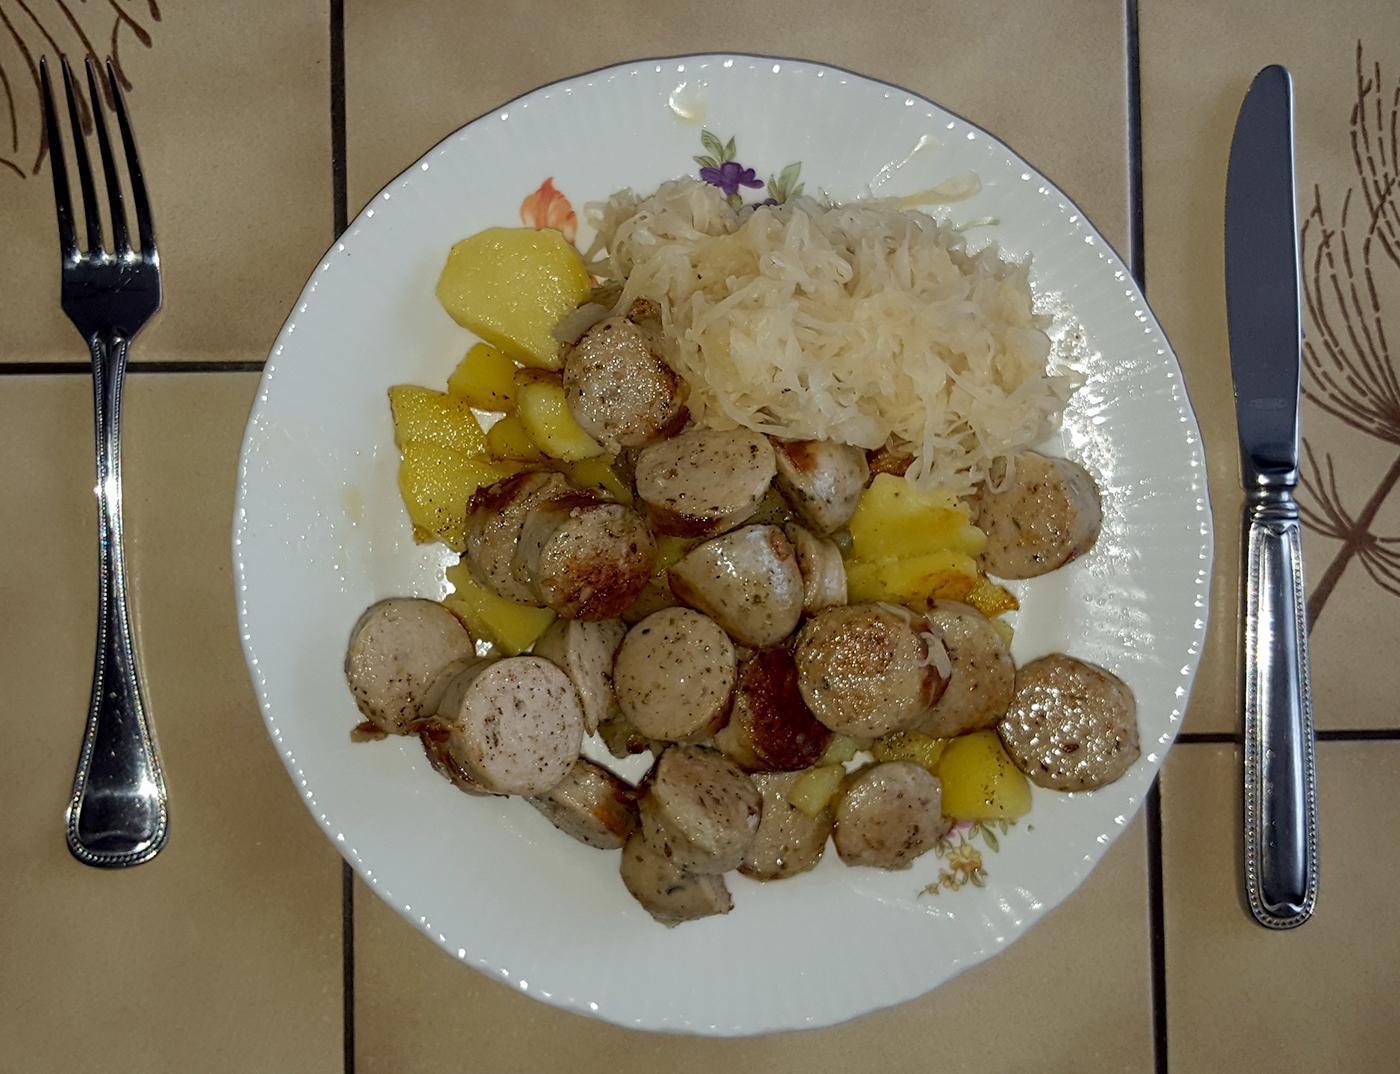 Mittagessen: Bratwurst mit Bratkartoffeln und Sauerkraut